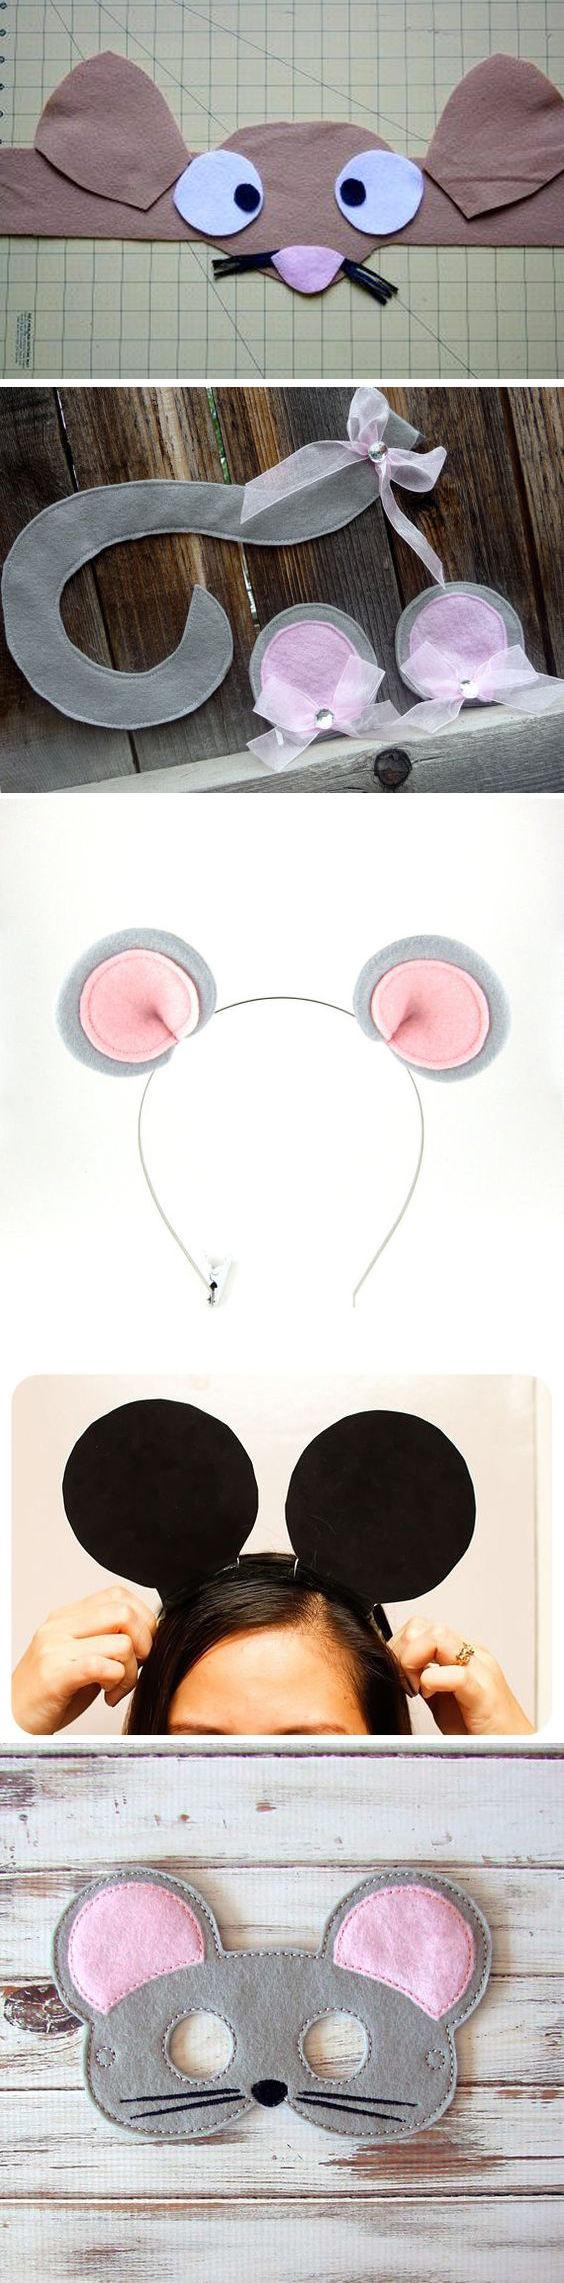 角色区-老鼠 1.jpg